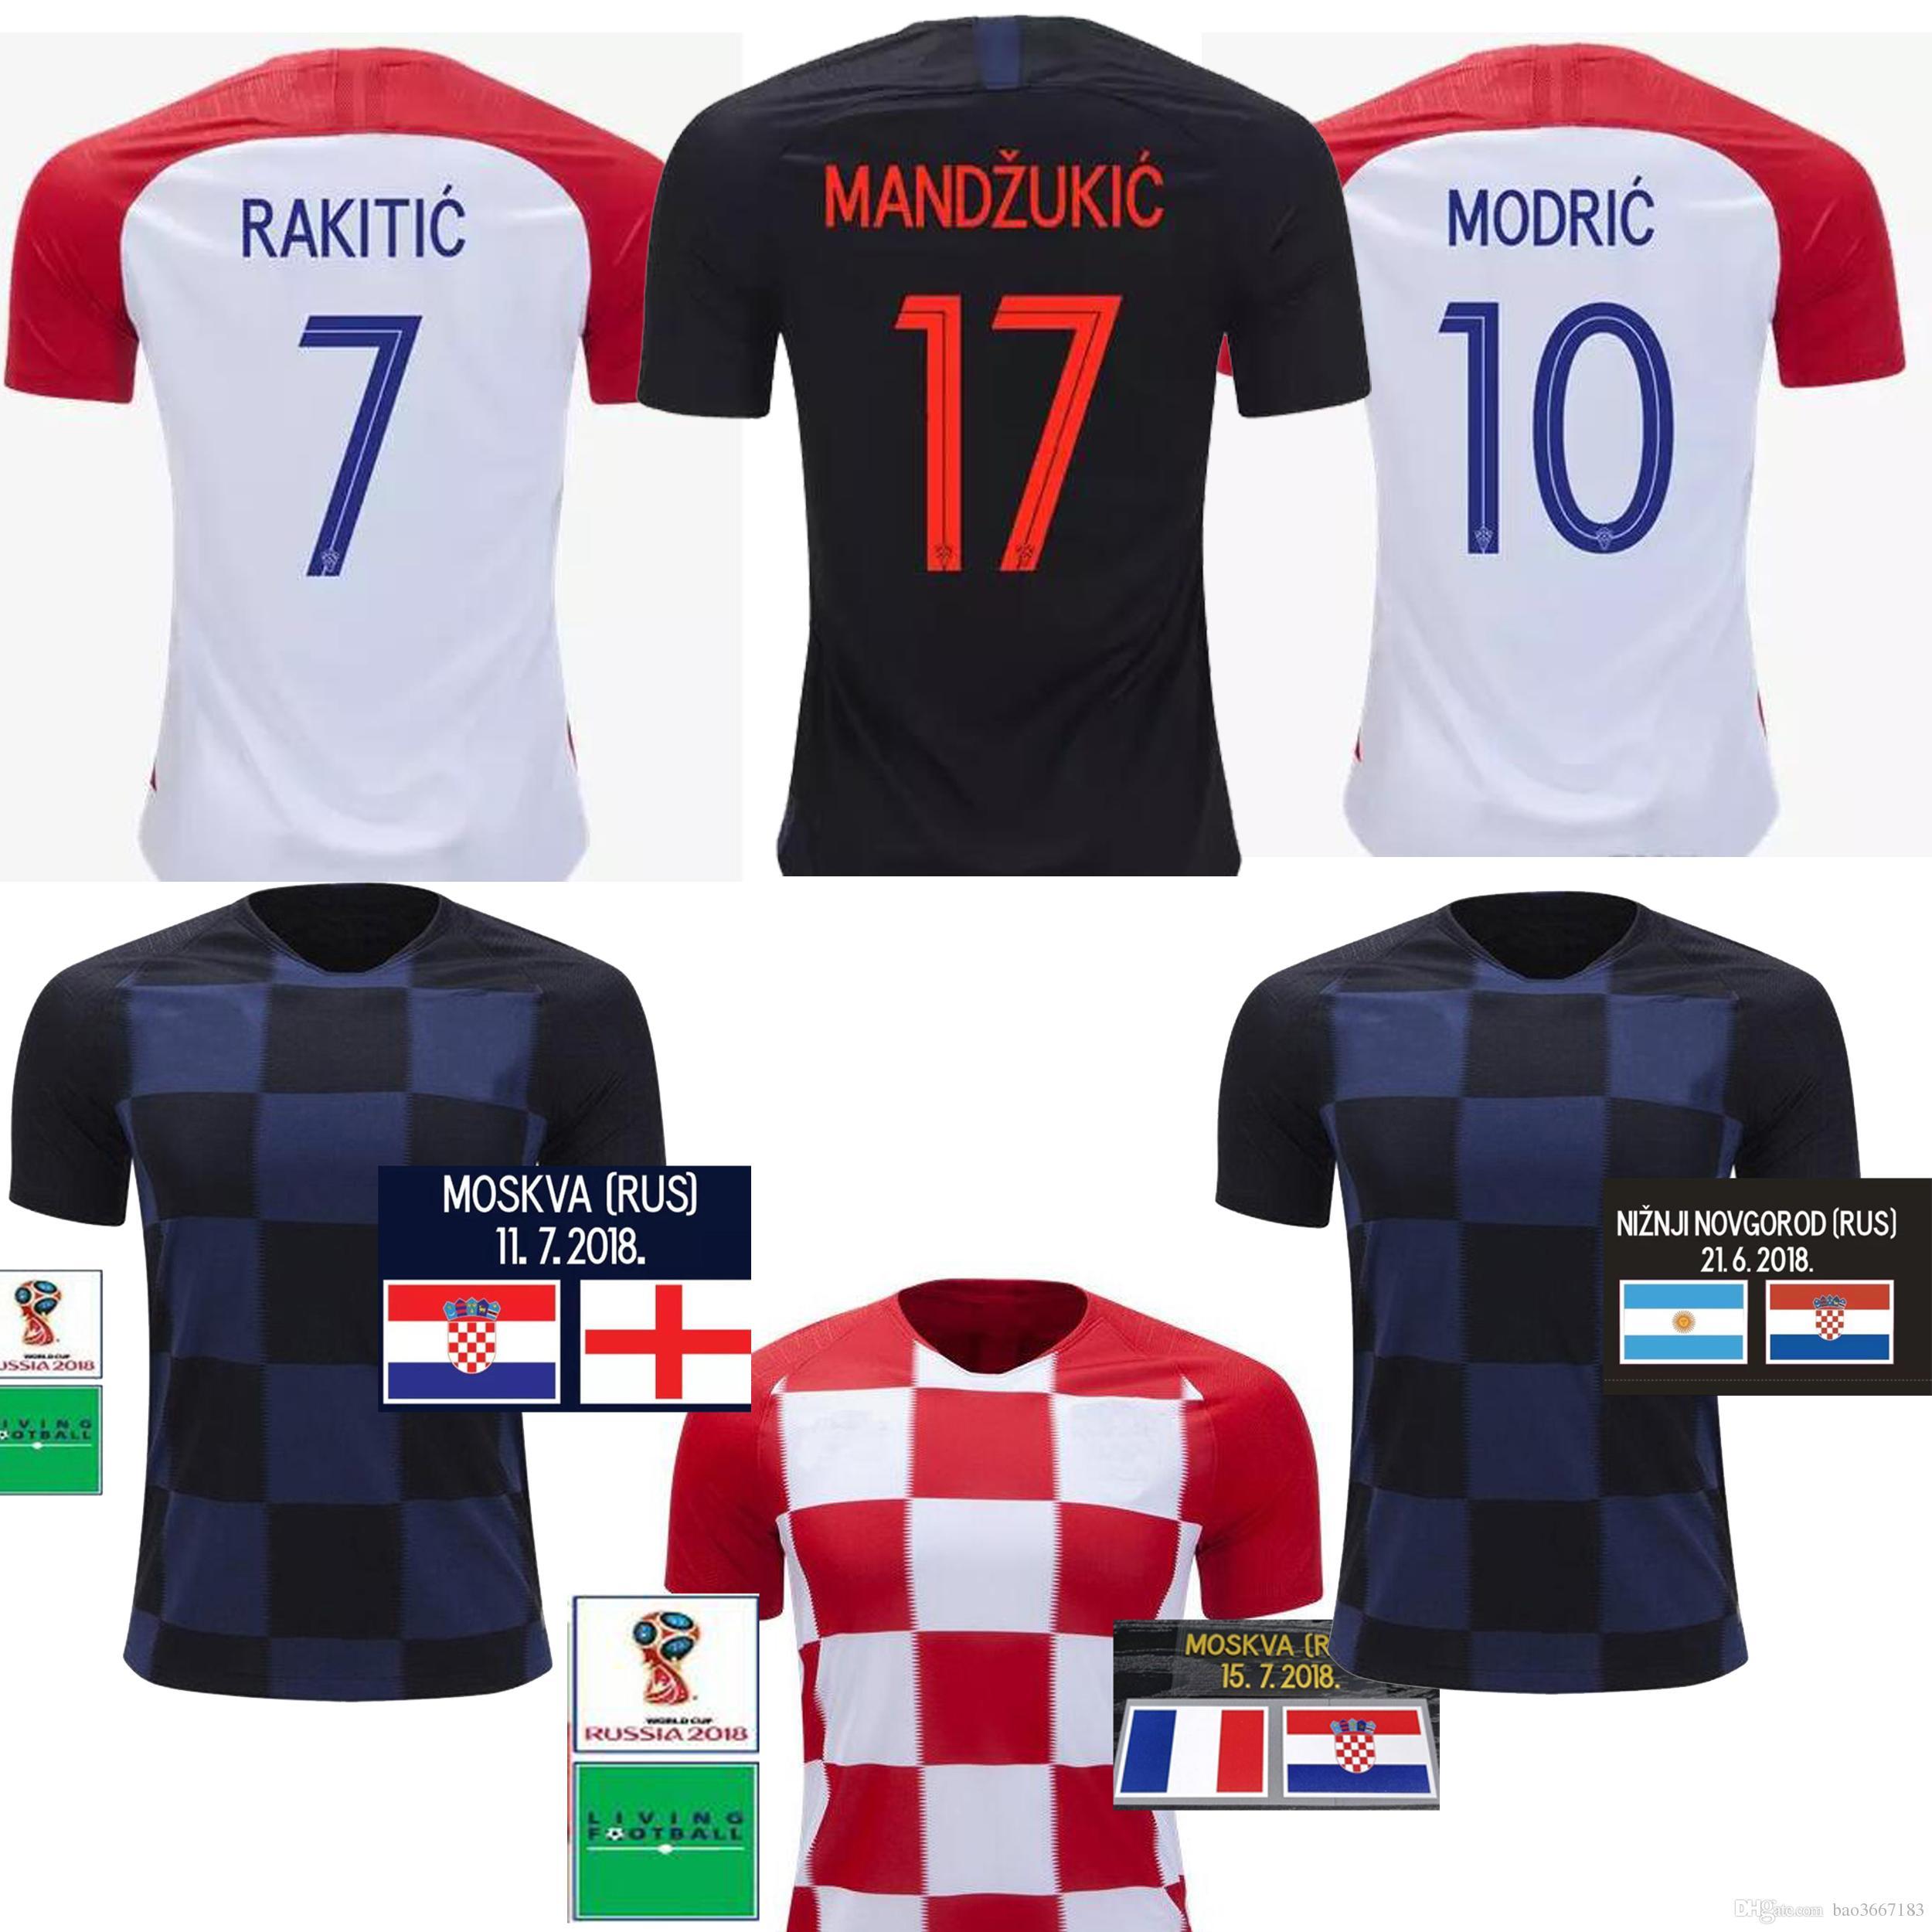 Compre 2018 Copa Do Mundo MODRICÓNICO RAKITIC MANDZUKIC Cro Início Camisas  De Futebol 2018 Copa Do Mundo PERISICO KALINIC KOVACIC Camisas De Futebol  De ... a775b544e2550